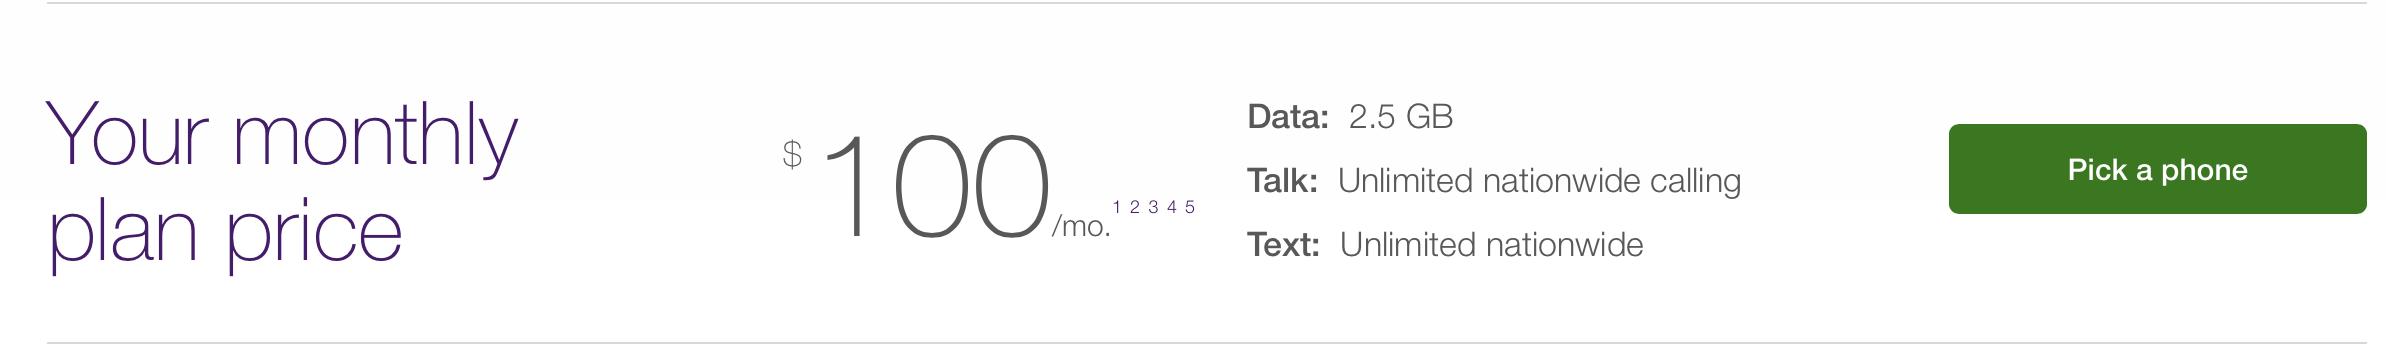 telus new roaming plans